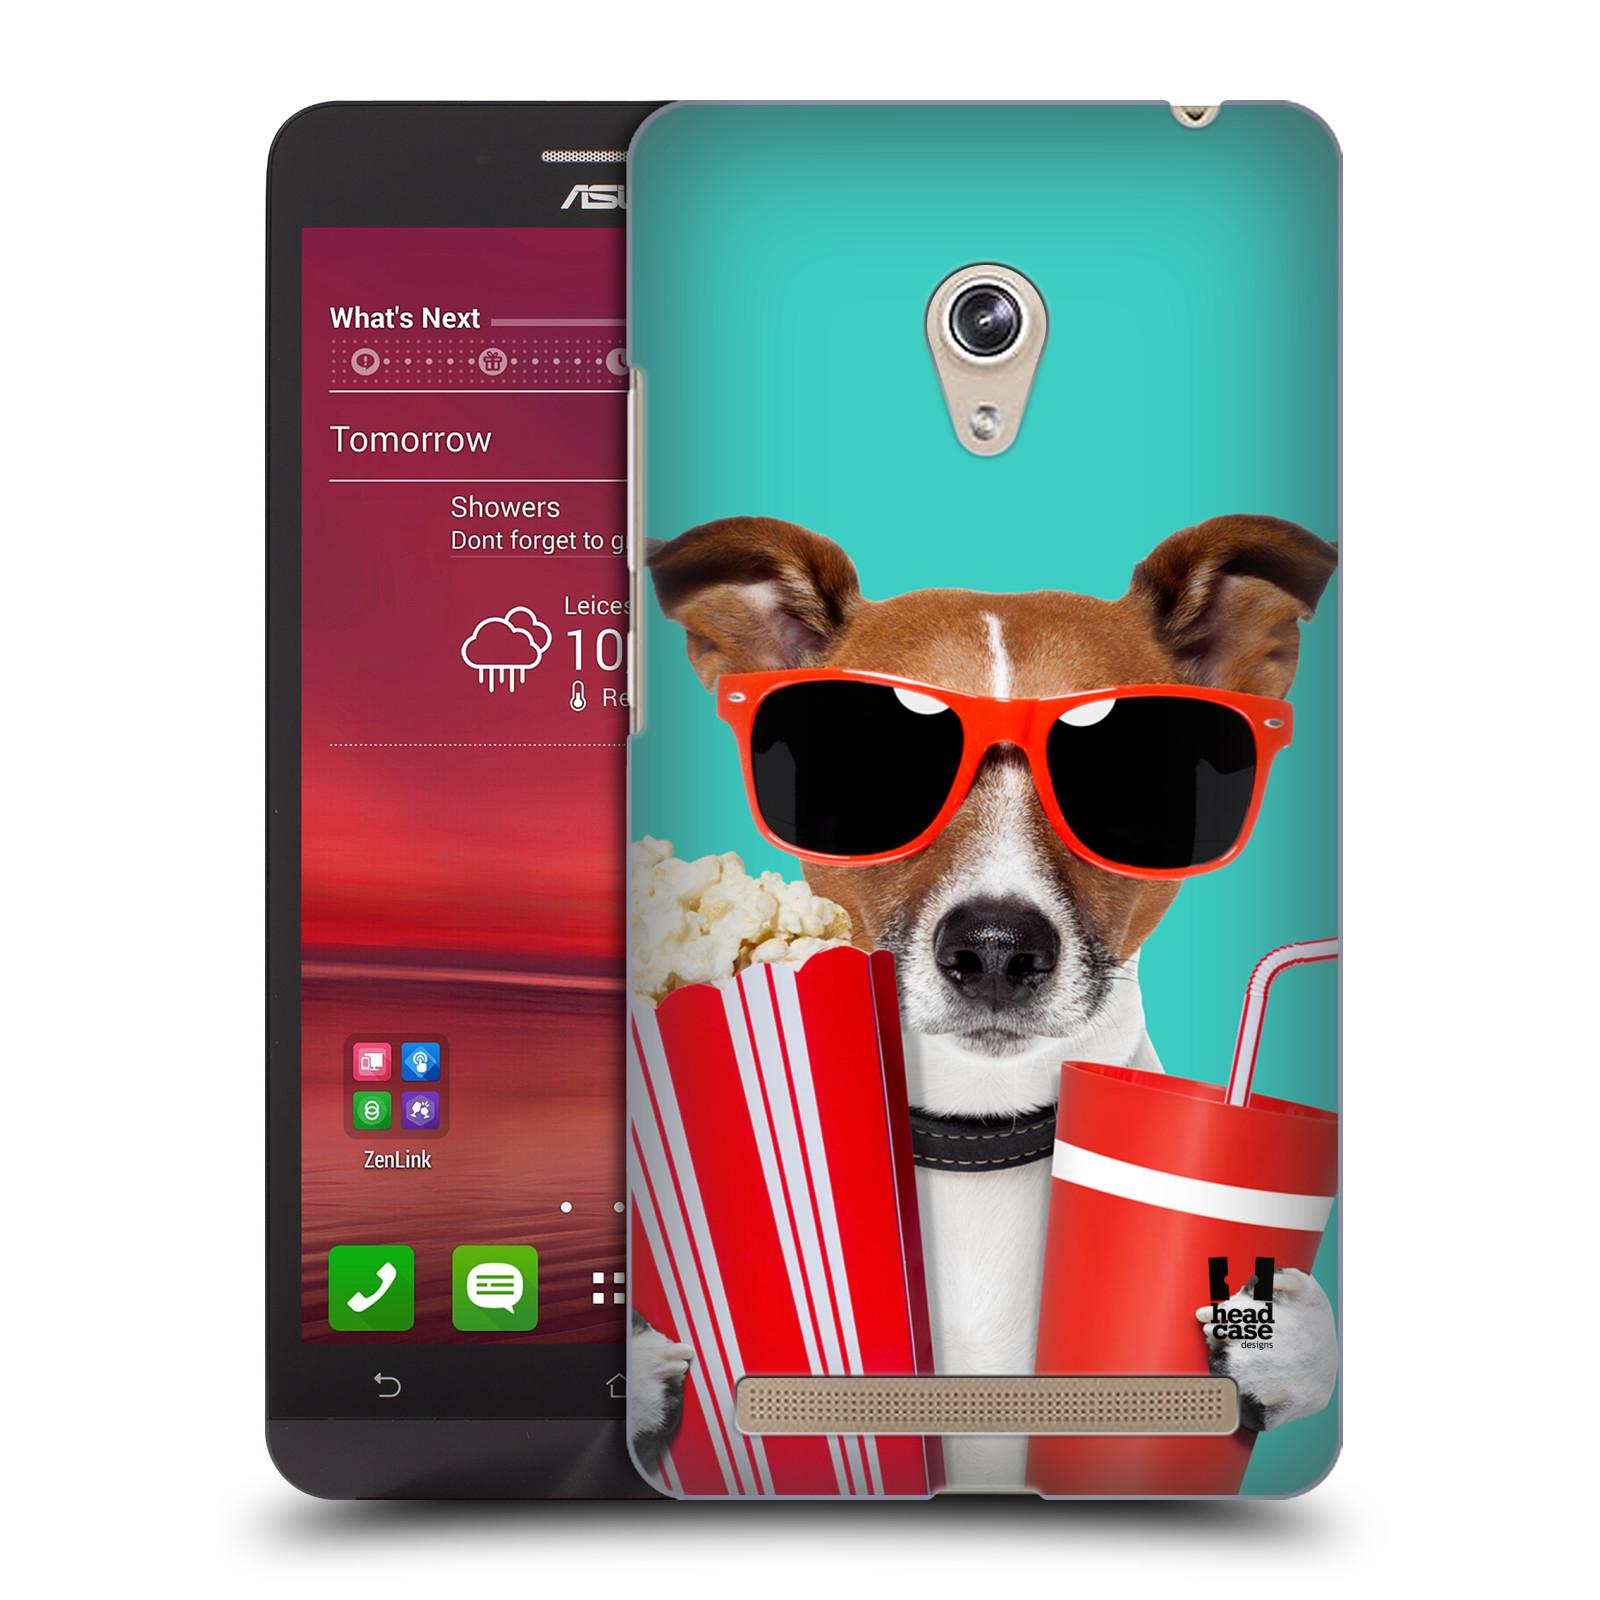 HEAD CASE plastový obal na mobil Asus Zenfone 6 vzor Legrační zvířátka pejsek v kině s popkornem